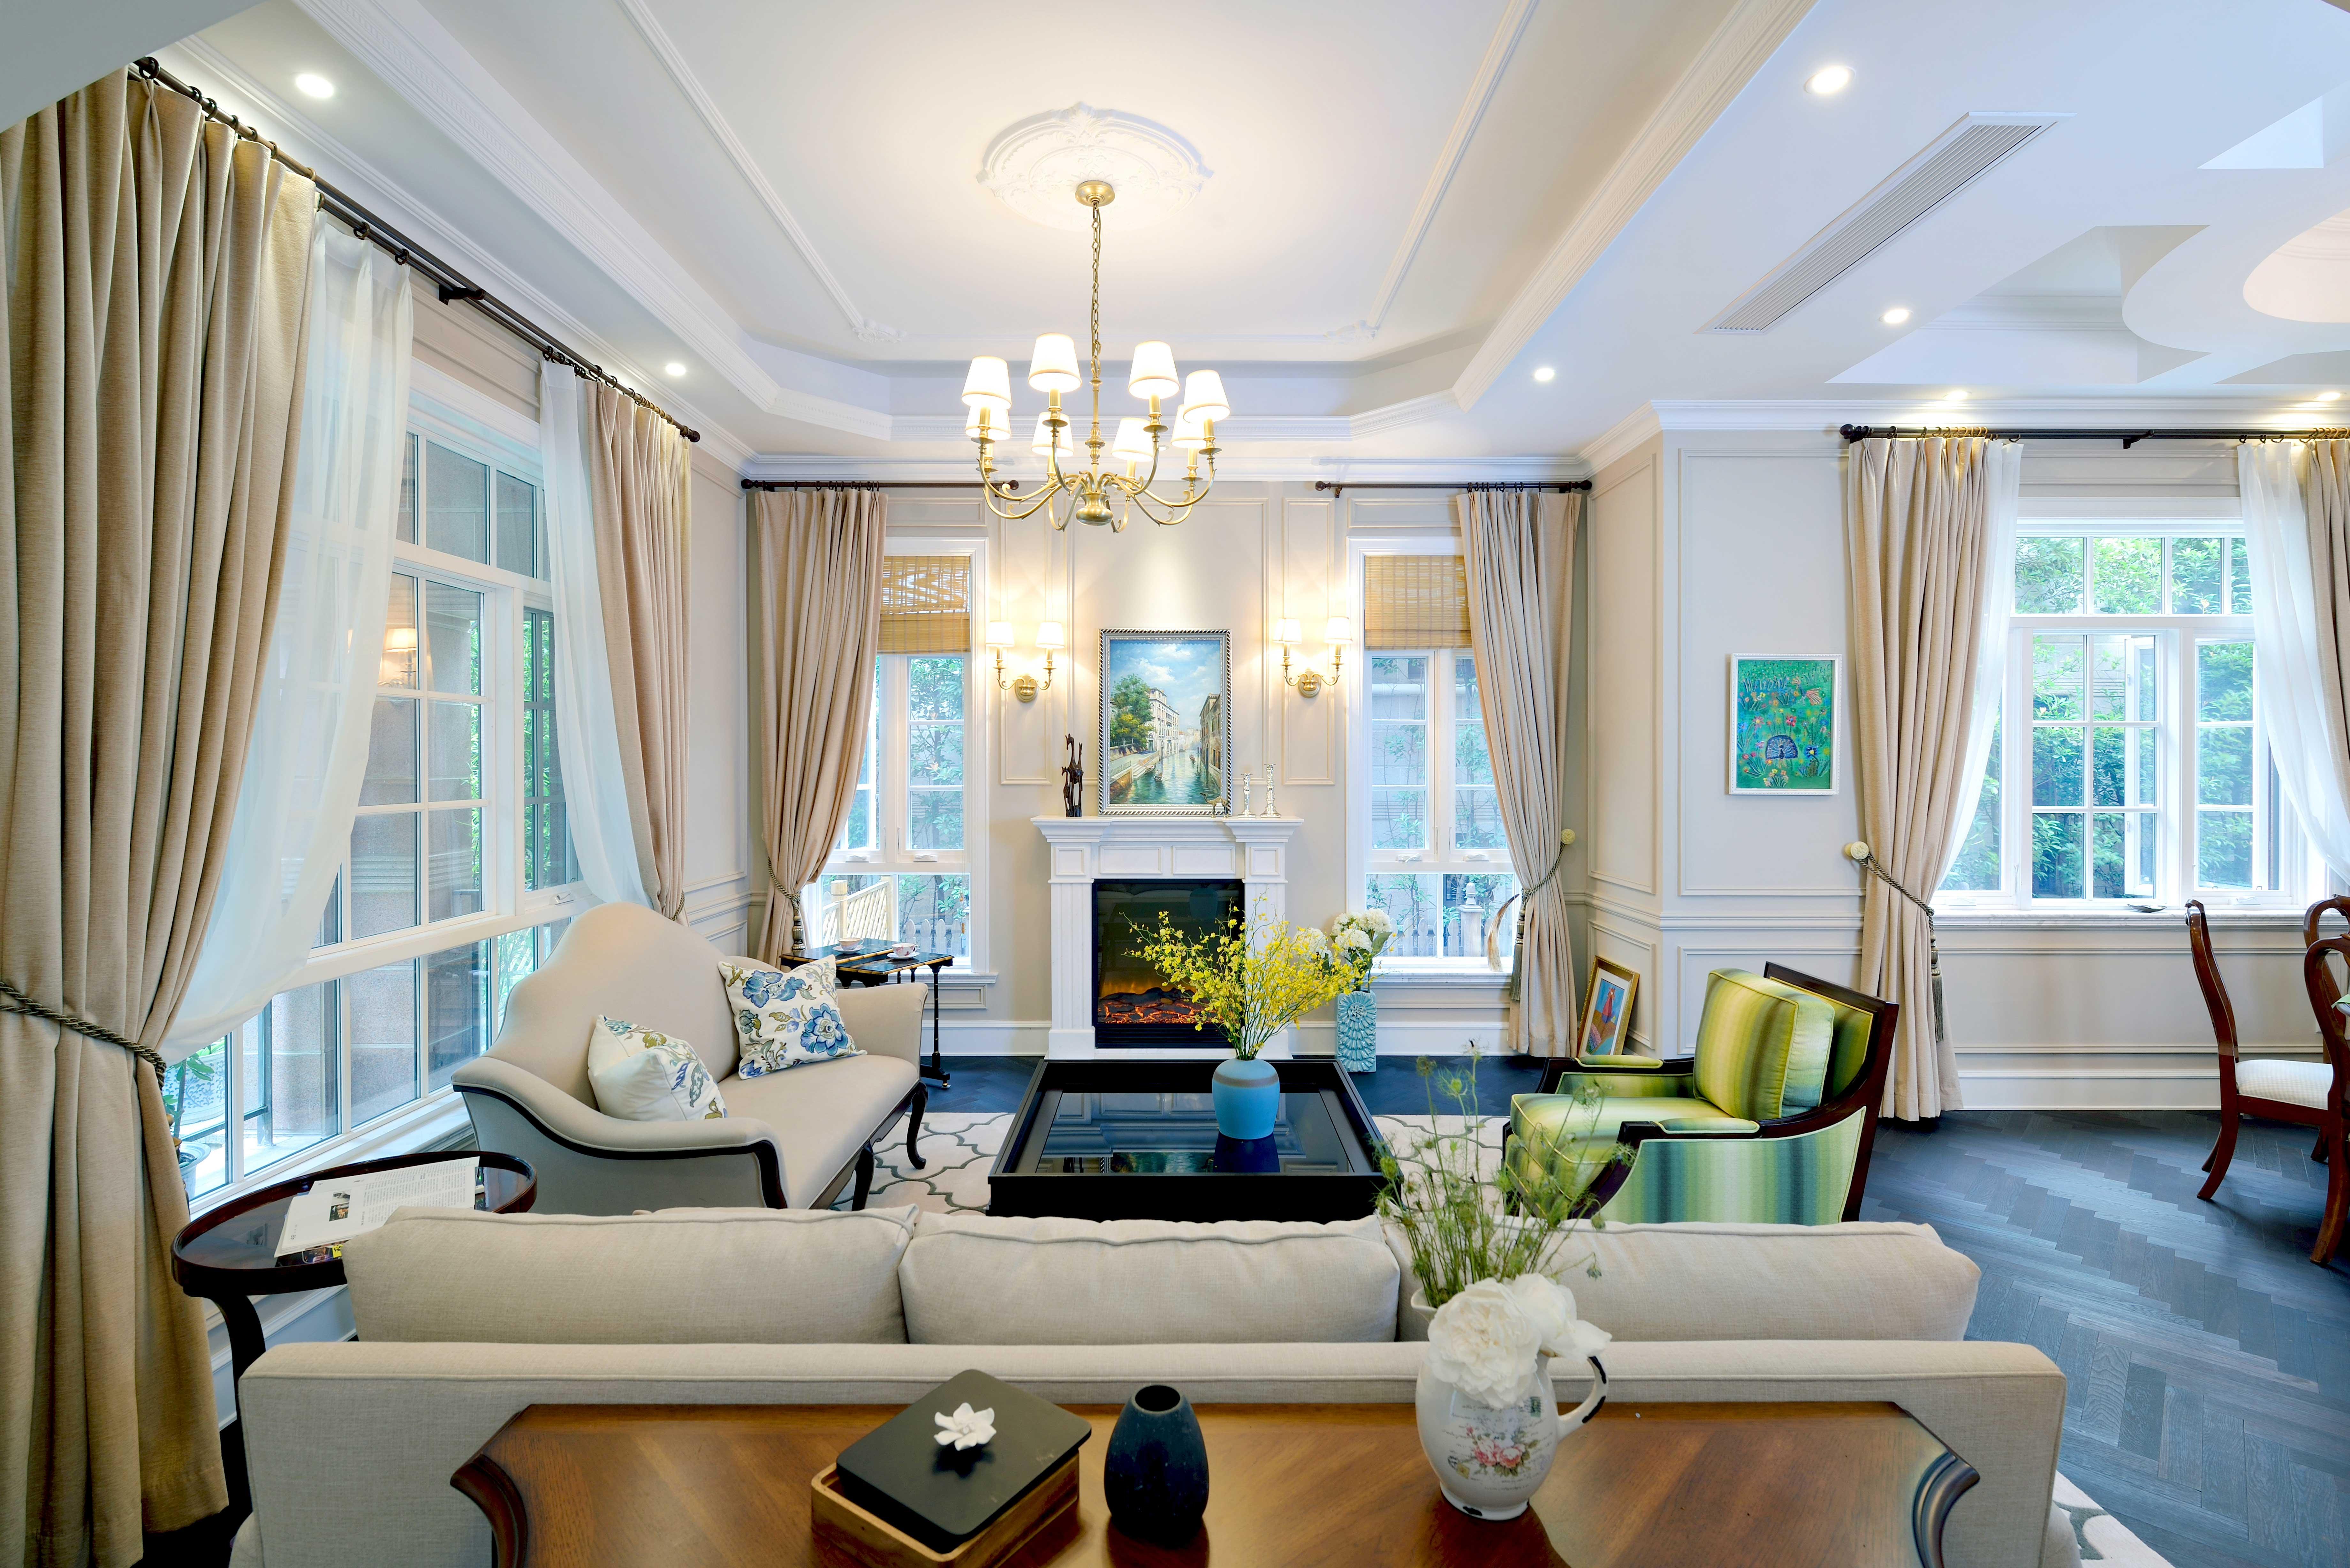 现代简美风格别墅客厅吊顶装修效果图